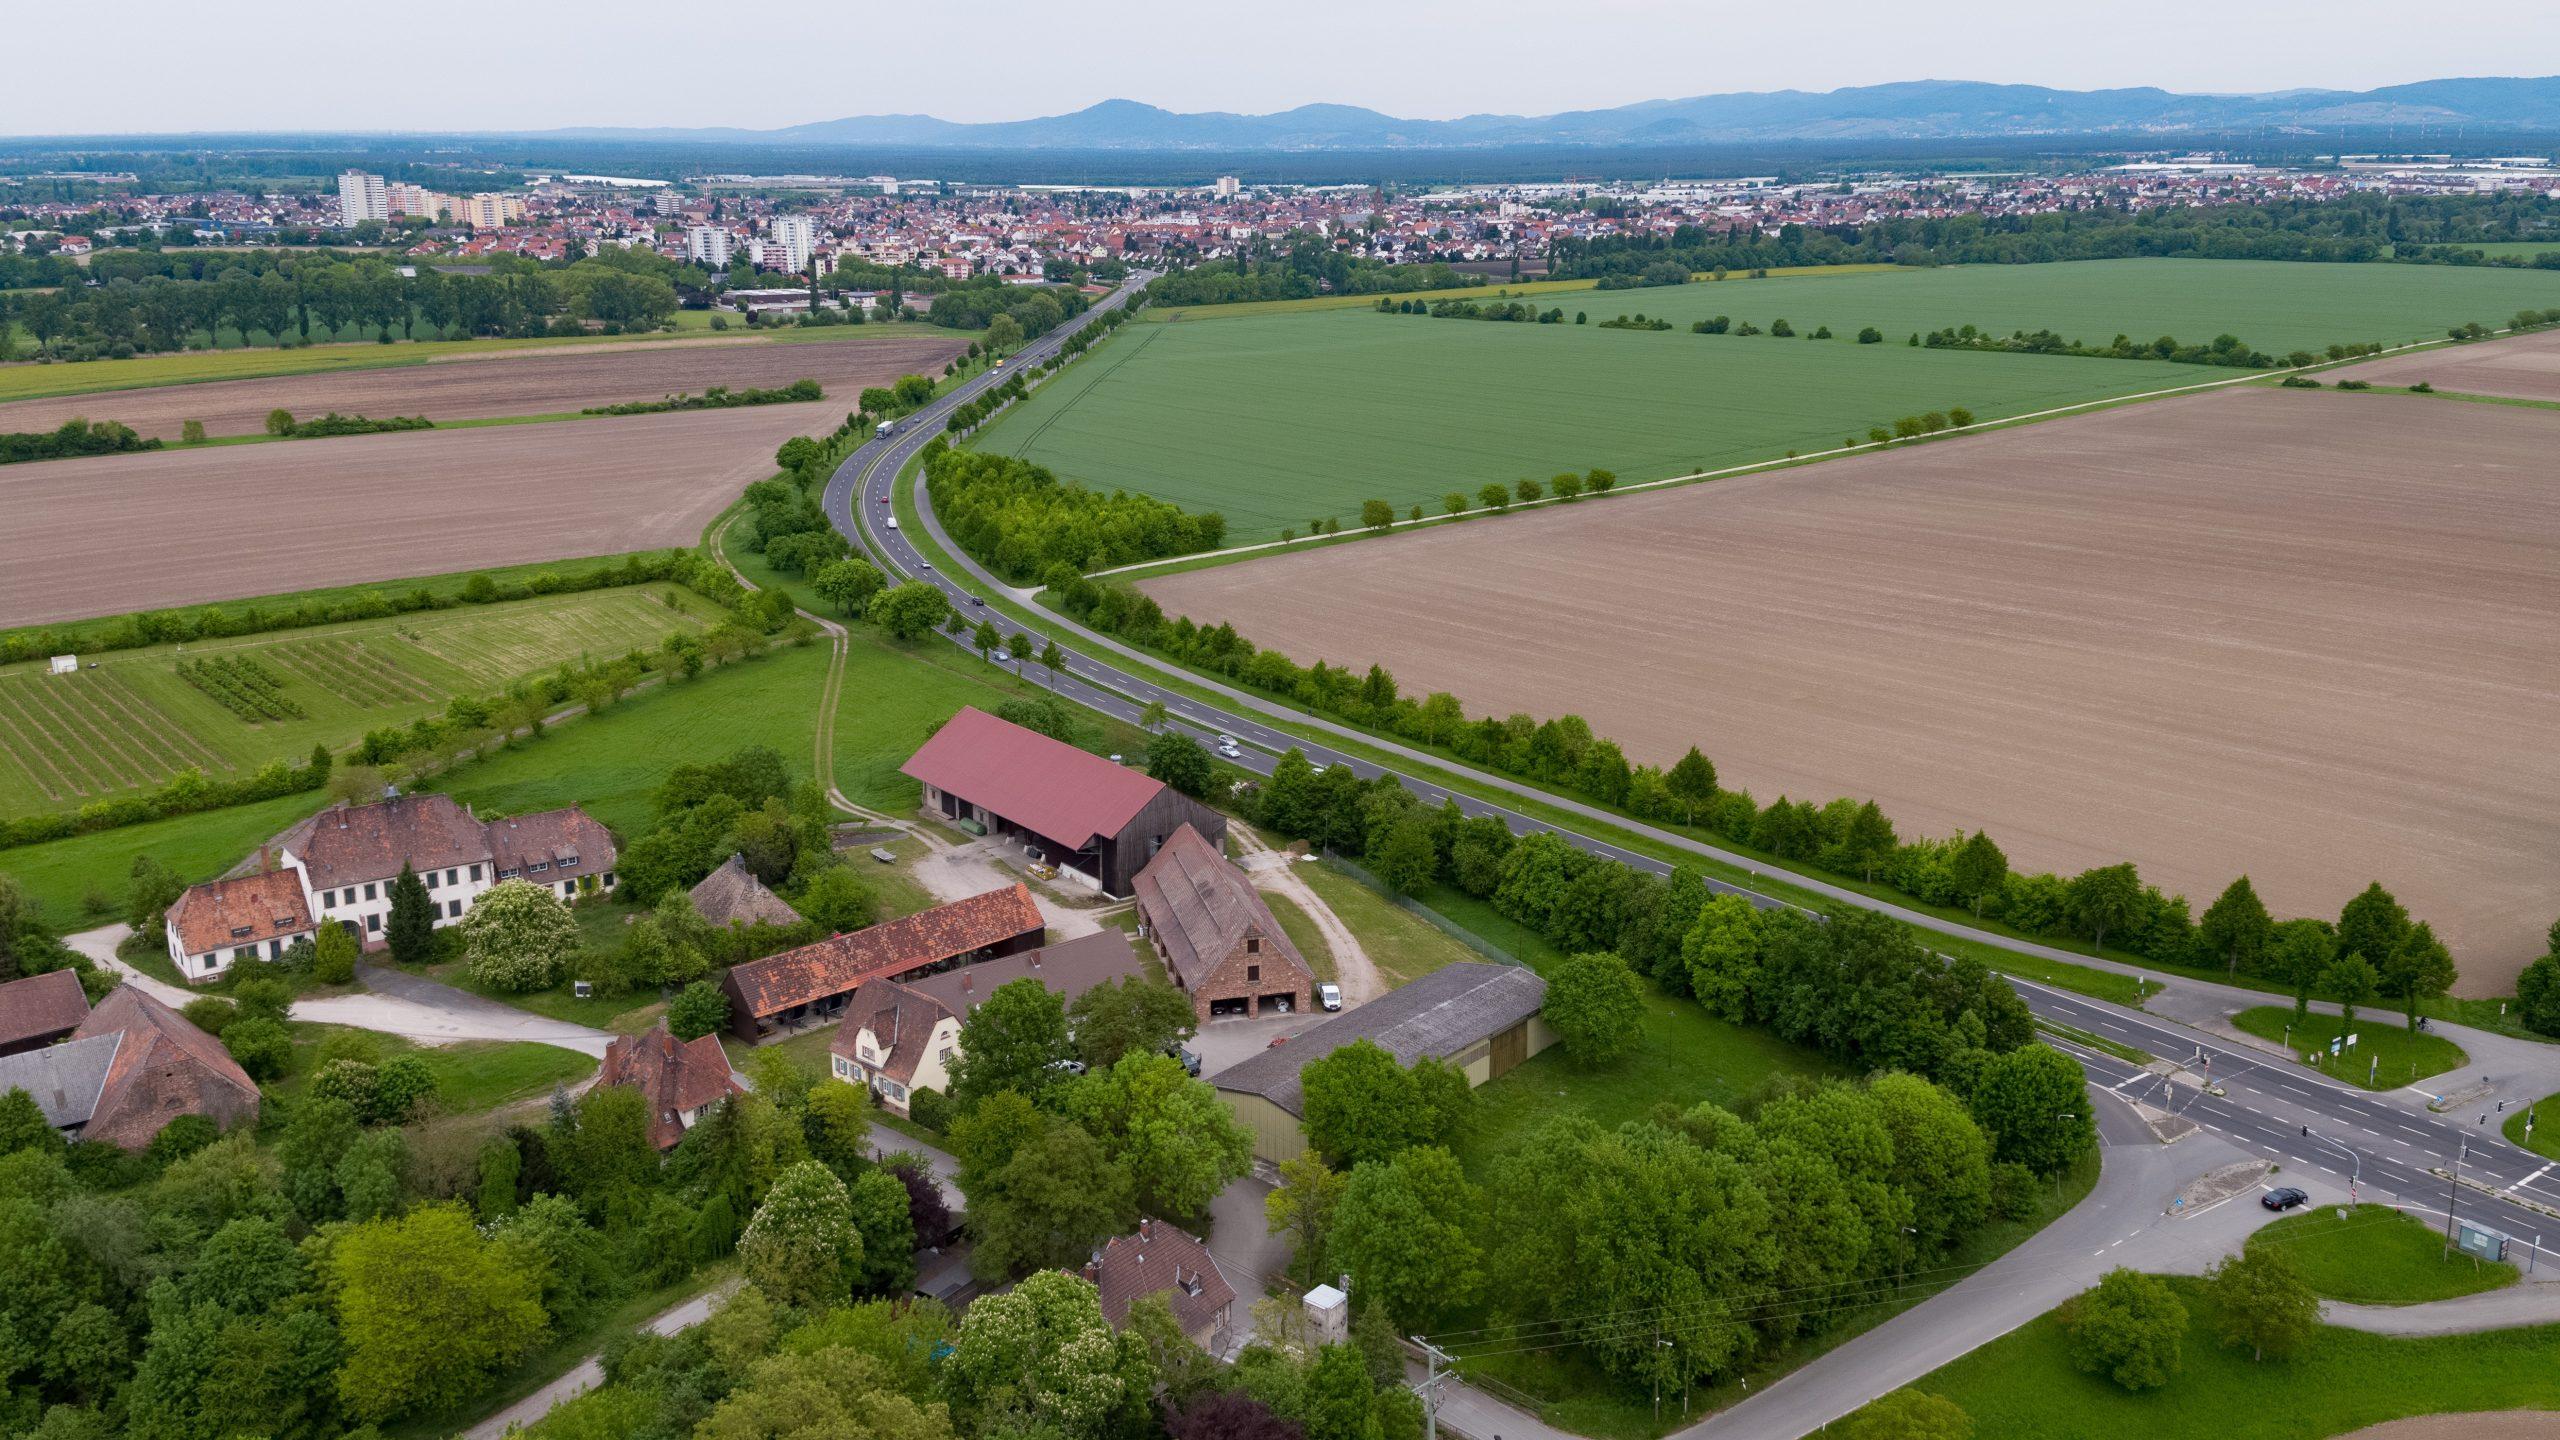 Luftbild der Landwirtschaftlichen Flächen von Kirschgartshausen (Mannheim-Sandhofen)